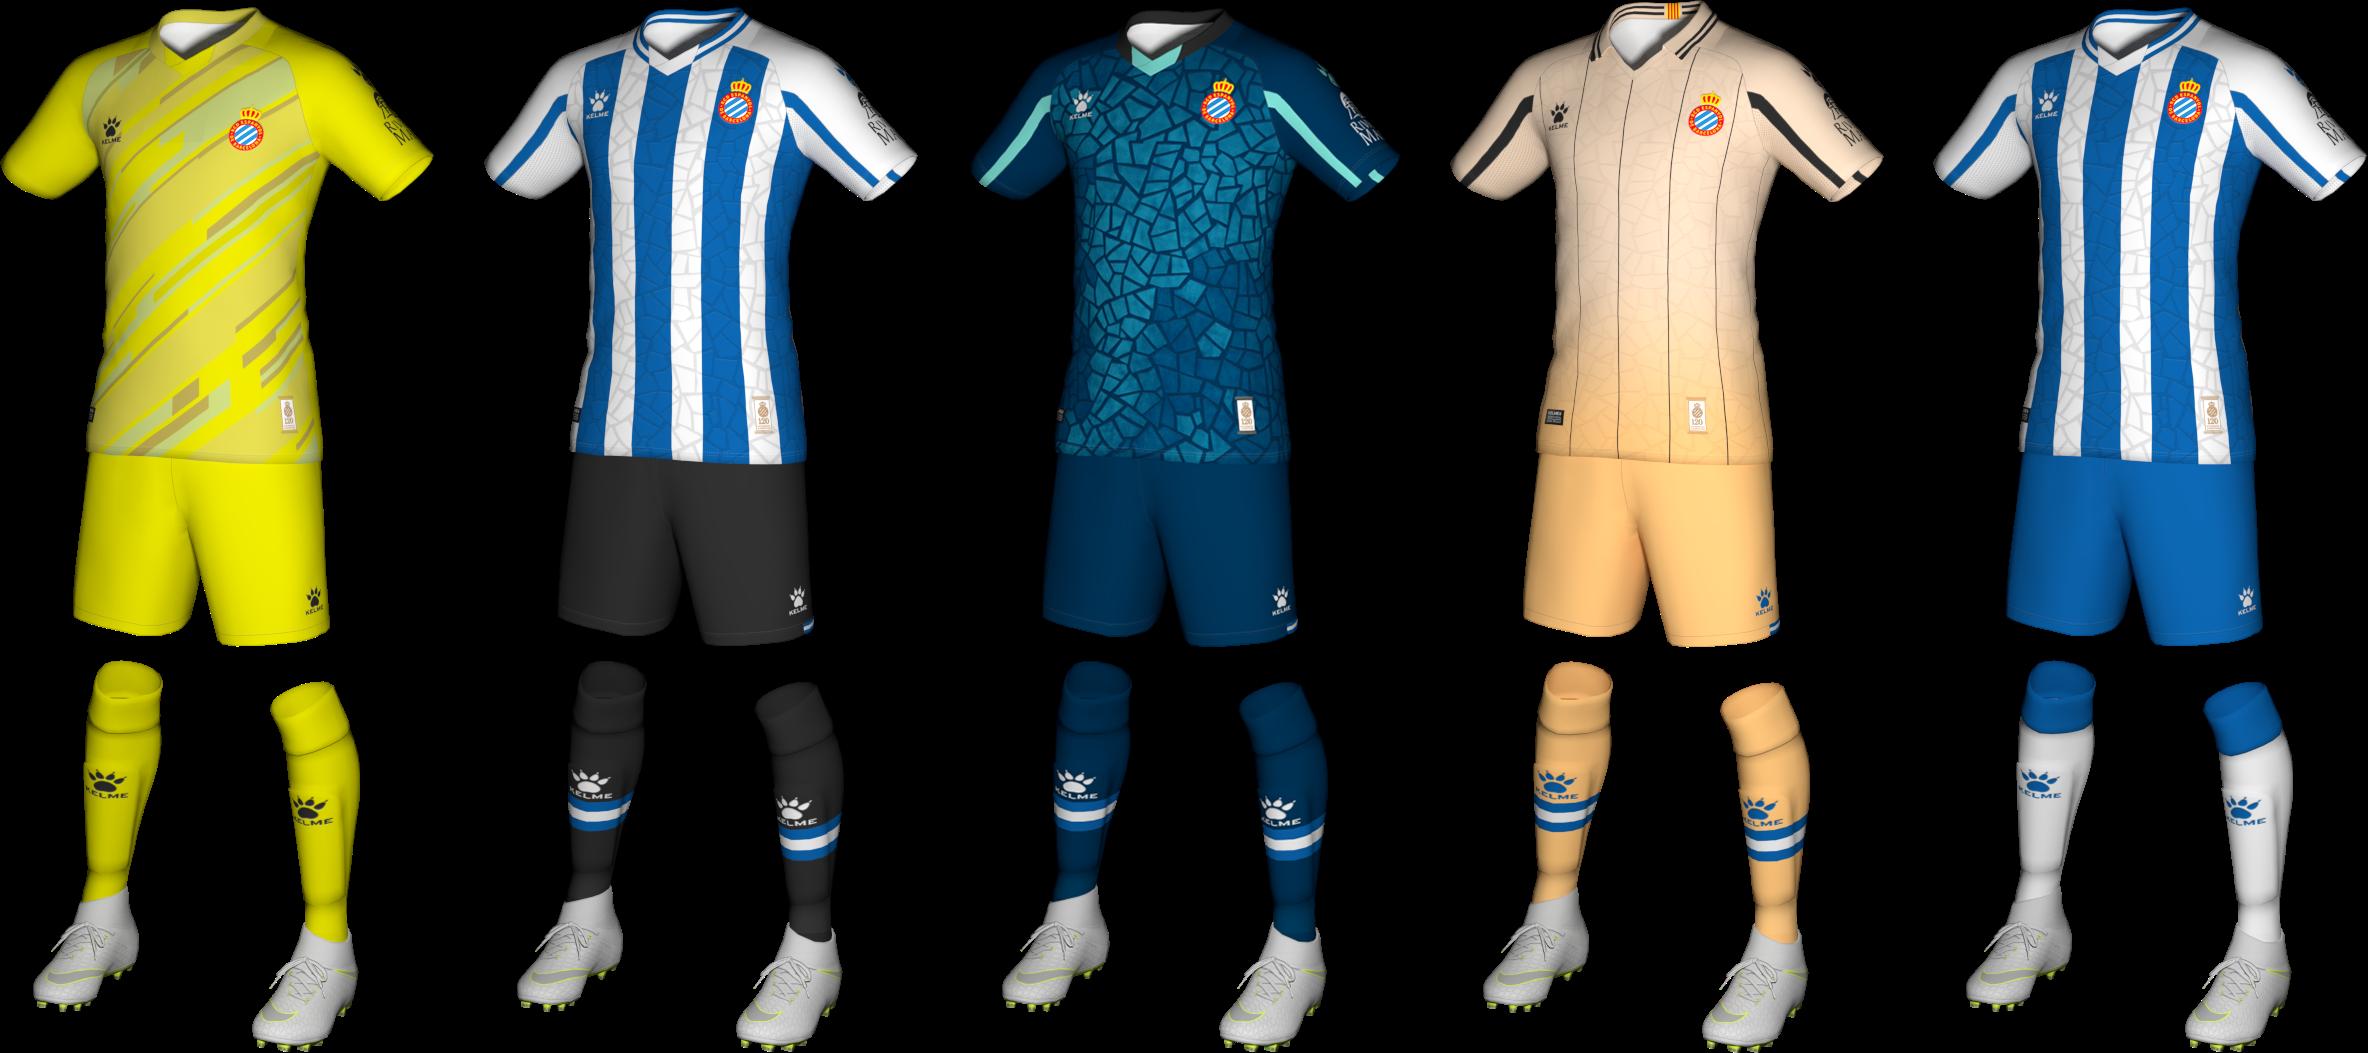 Kits RCD Espanyol 2020/2021 by Txak